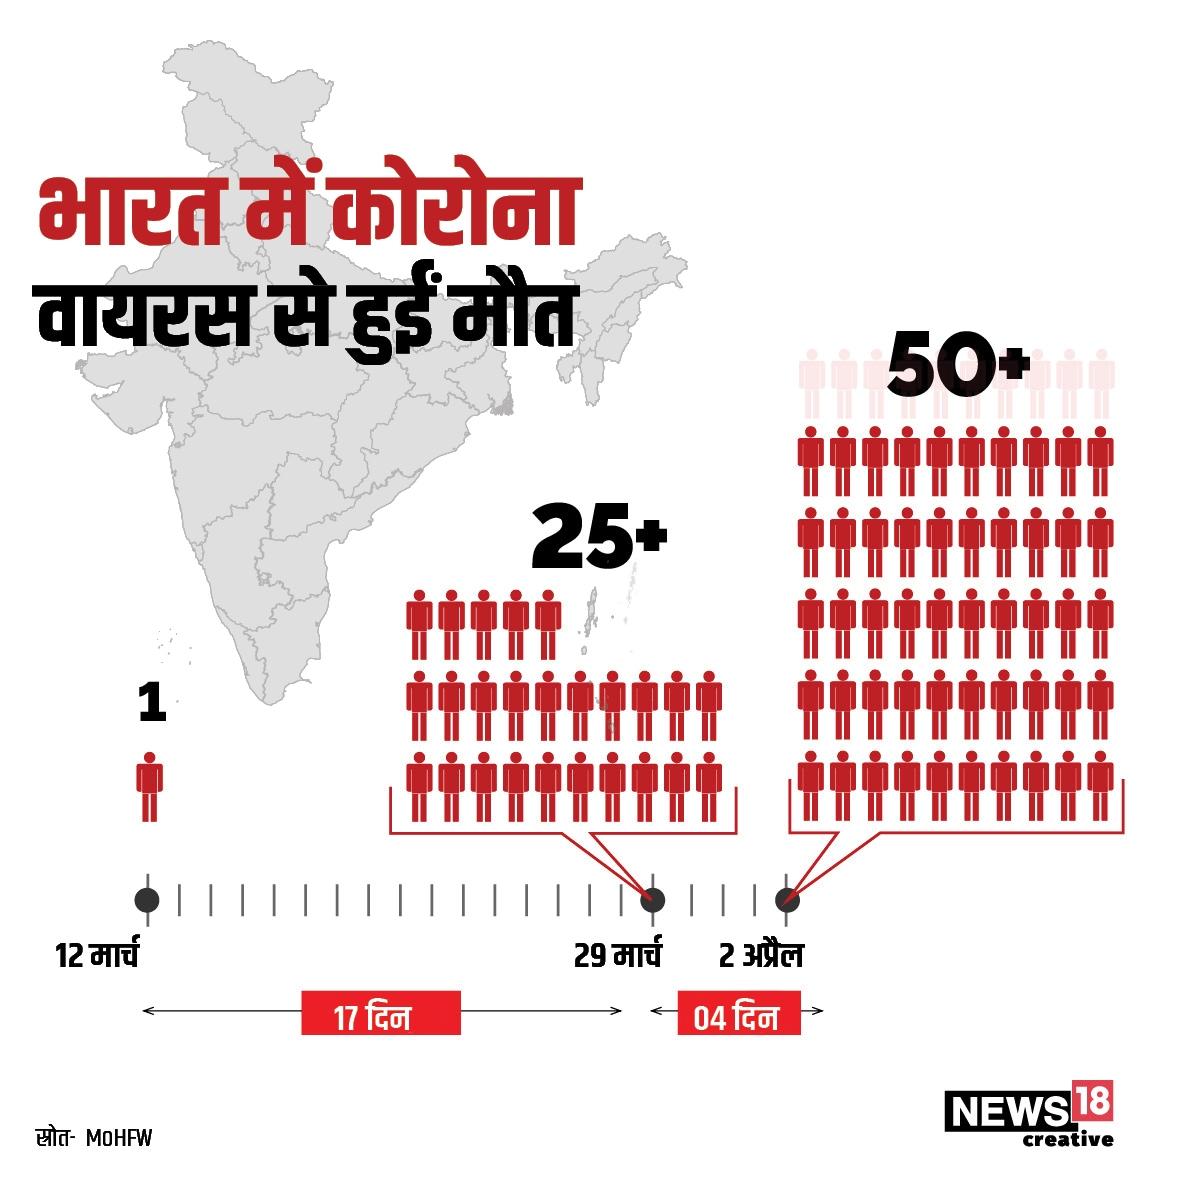 कोरोना वायरस से संक्रमित होने वाली भारत में पहली मौत 12 मार्च को हुई थी. 29 मार्च को ये आंकड़ा 25 से ज्यादा और 2 अप्रैल तक 50 से ज्यादा पहुंच गया है.